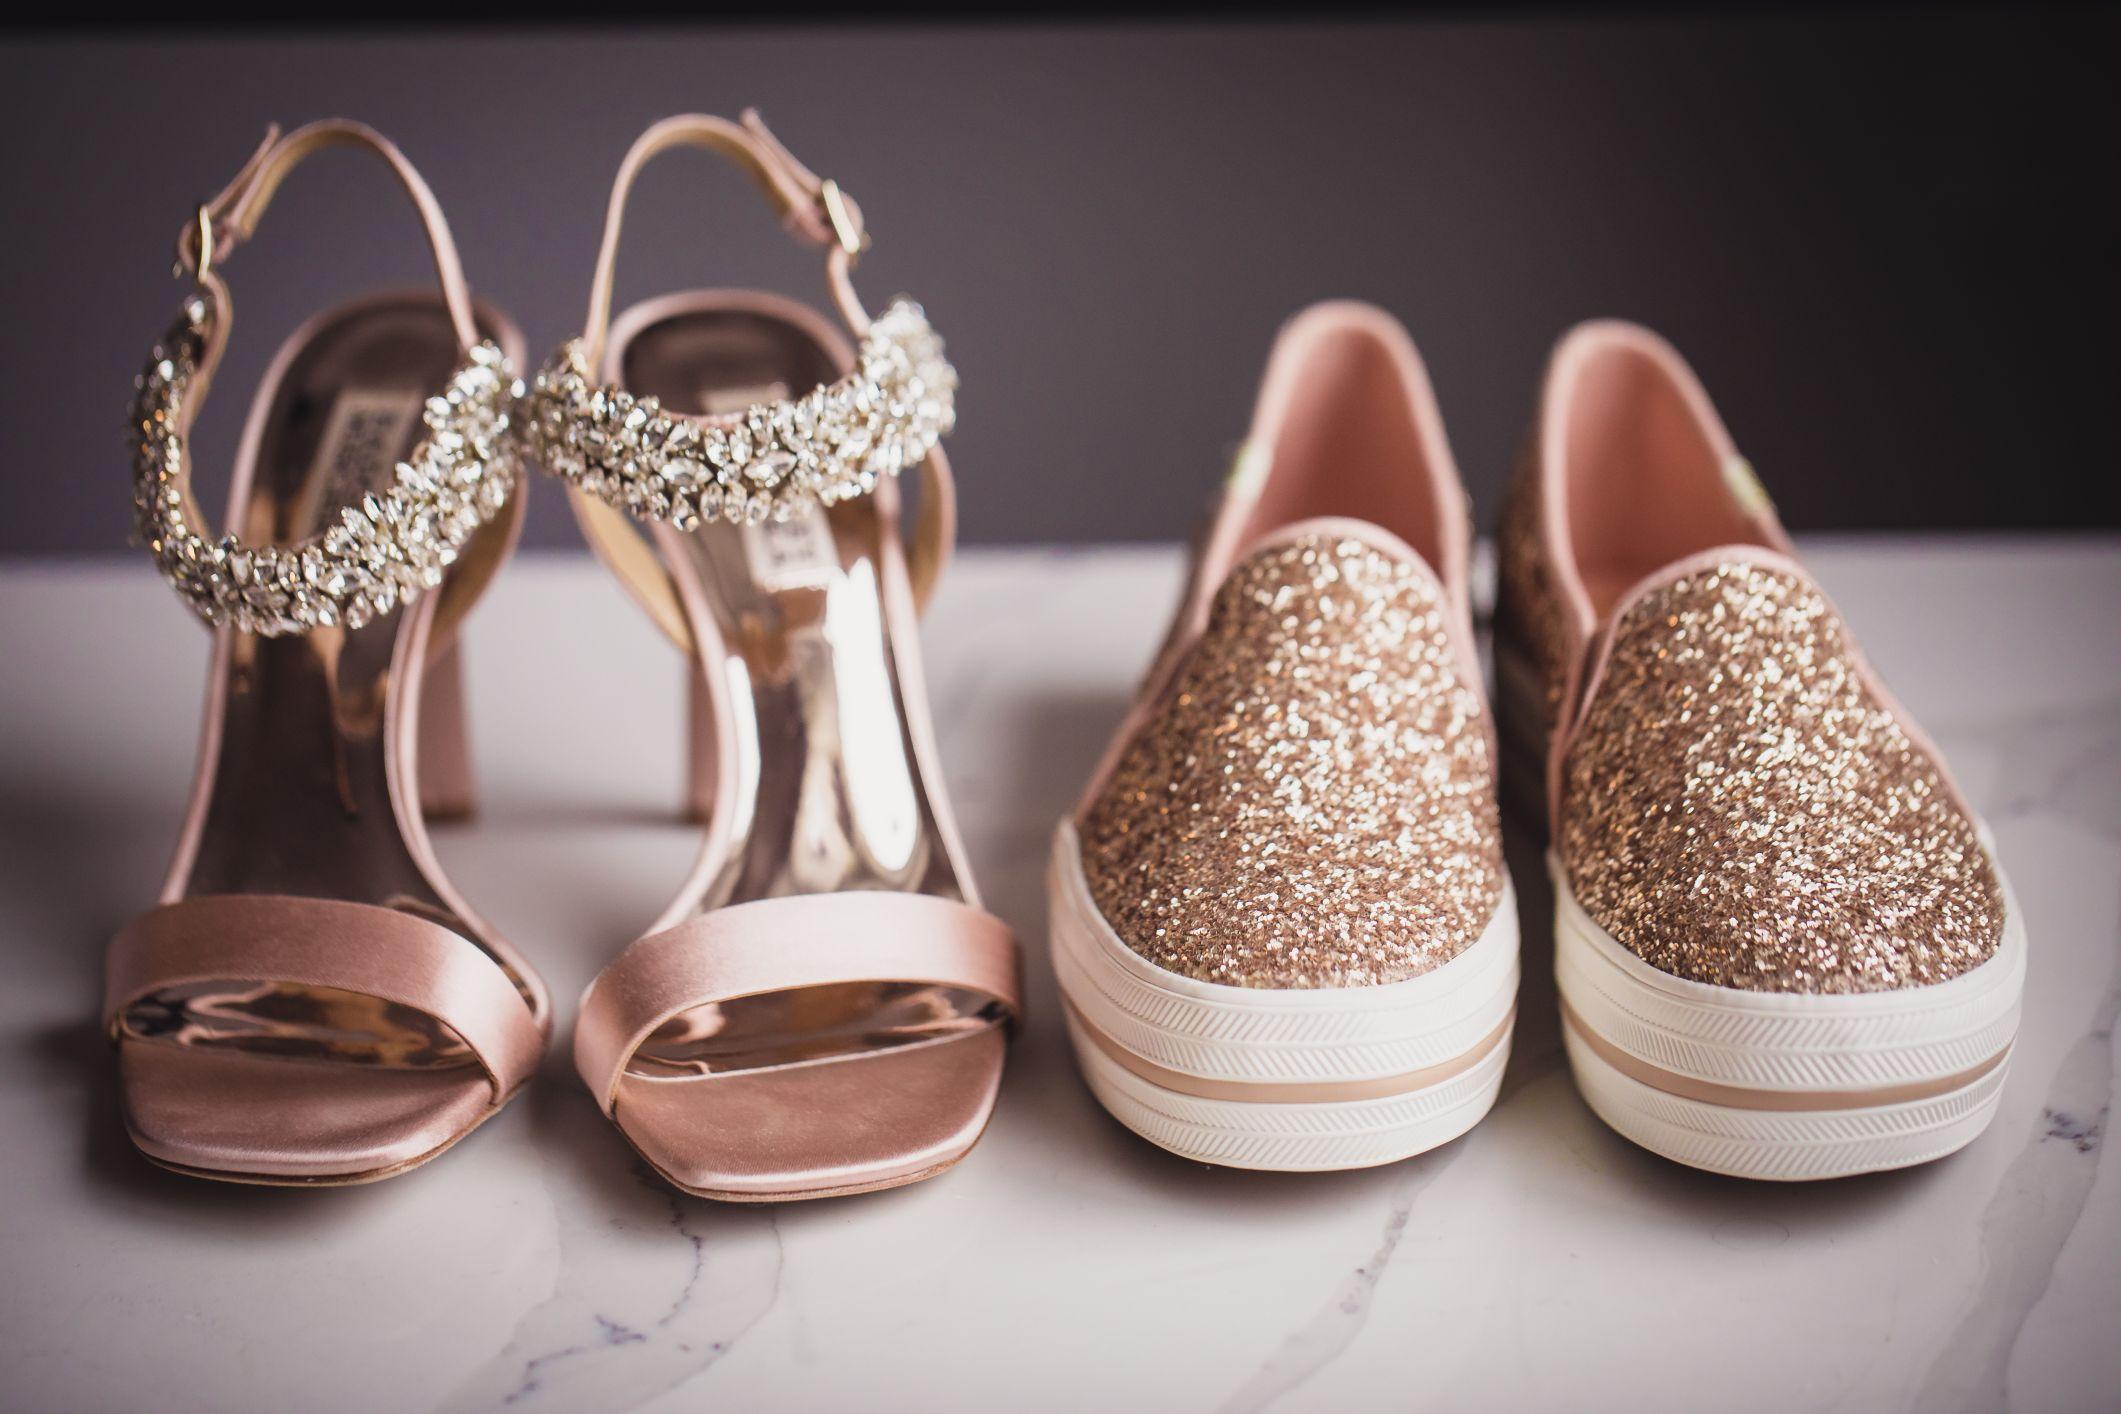 wedding heels and flats